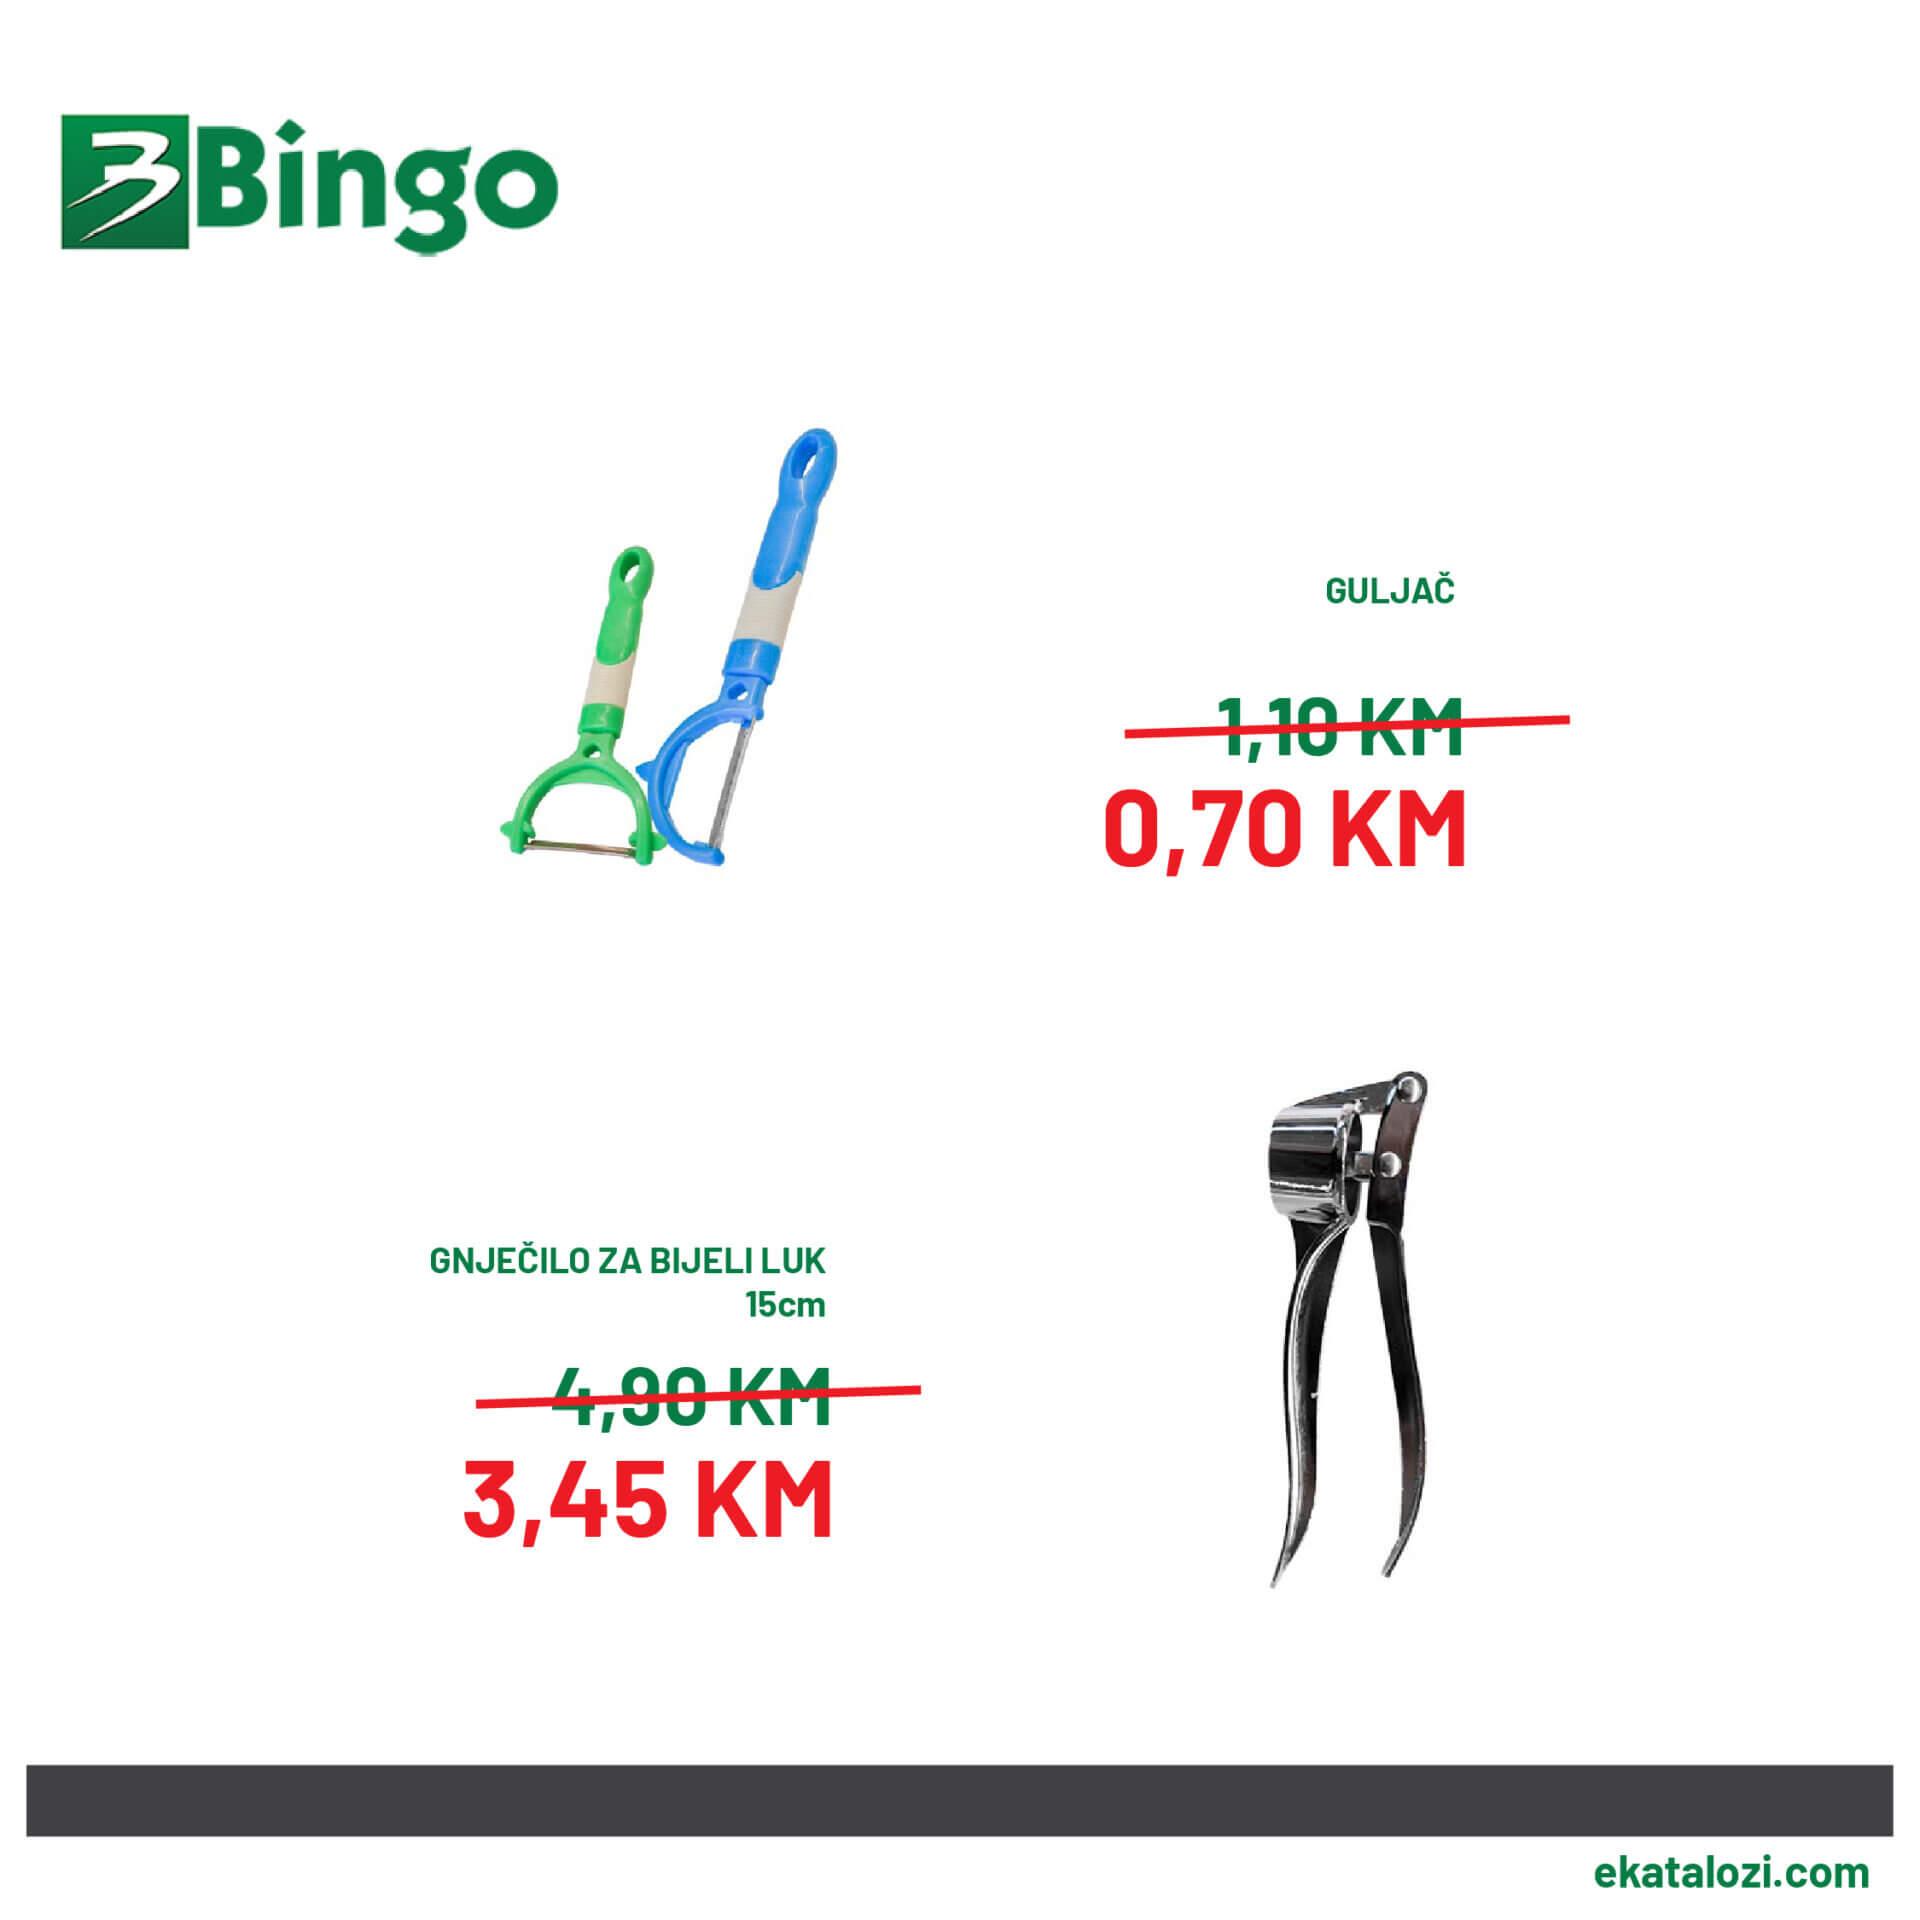 BINGO Super akcija AVGUST 2021 28.8.2021. 30.8.2021 2